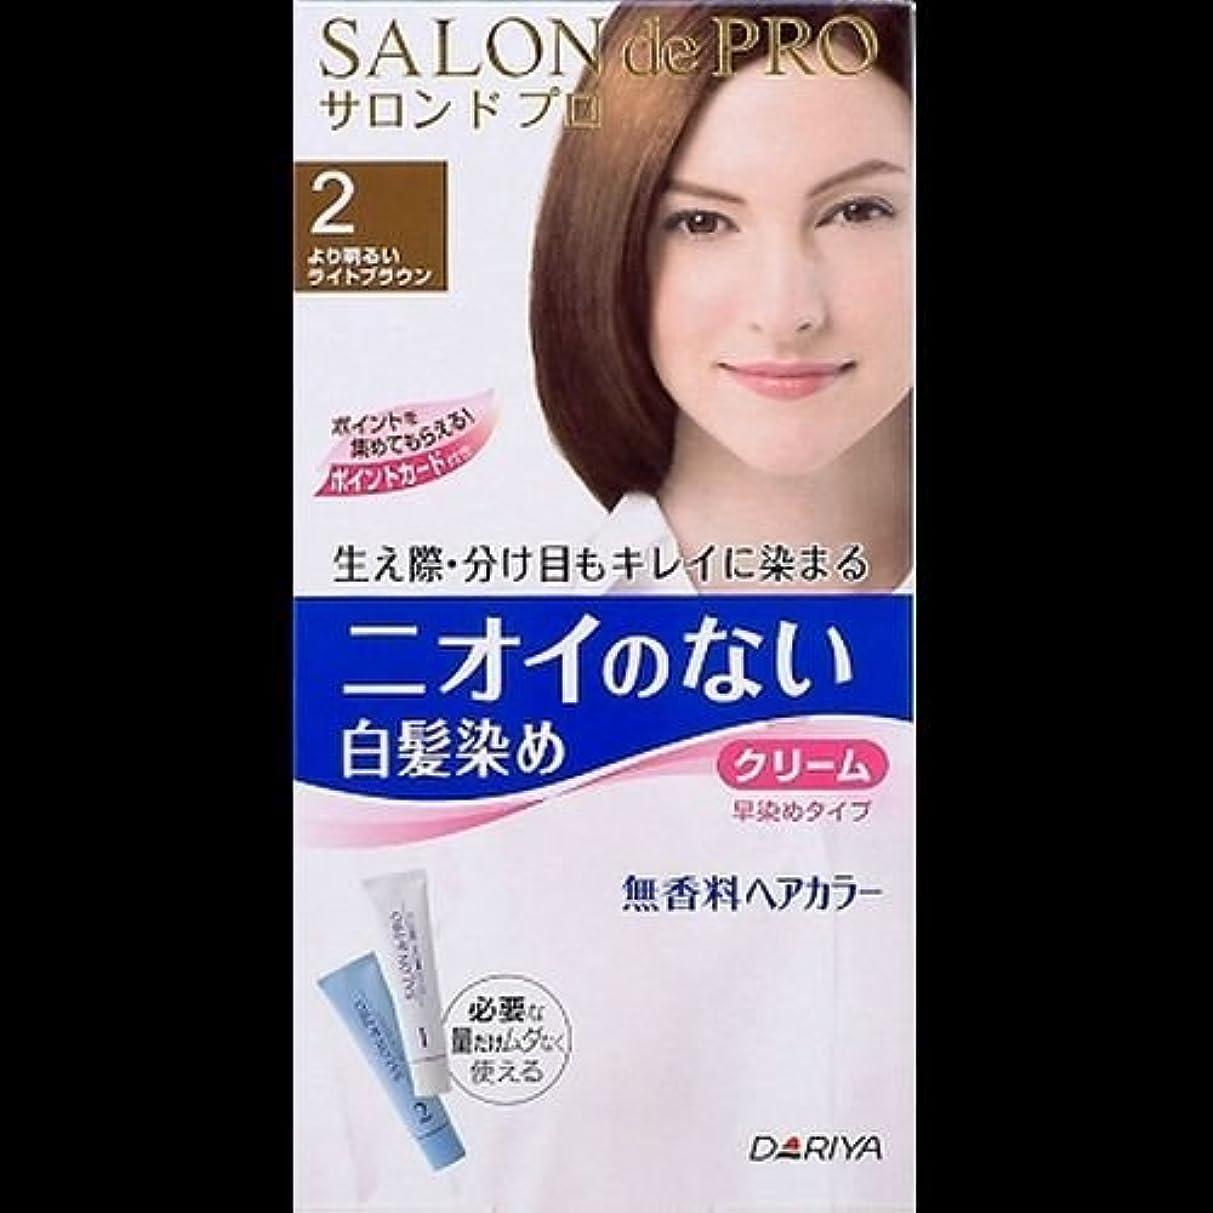 【まとめ買い】サロンドプロ 無香料ヘアカラー クリーム 白髪用 2 より明るいライトブラウン(1セット) ×2セット